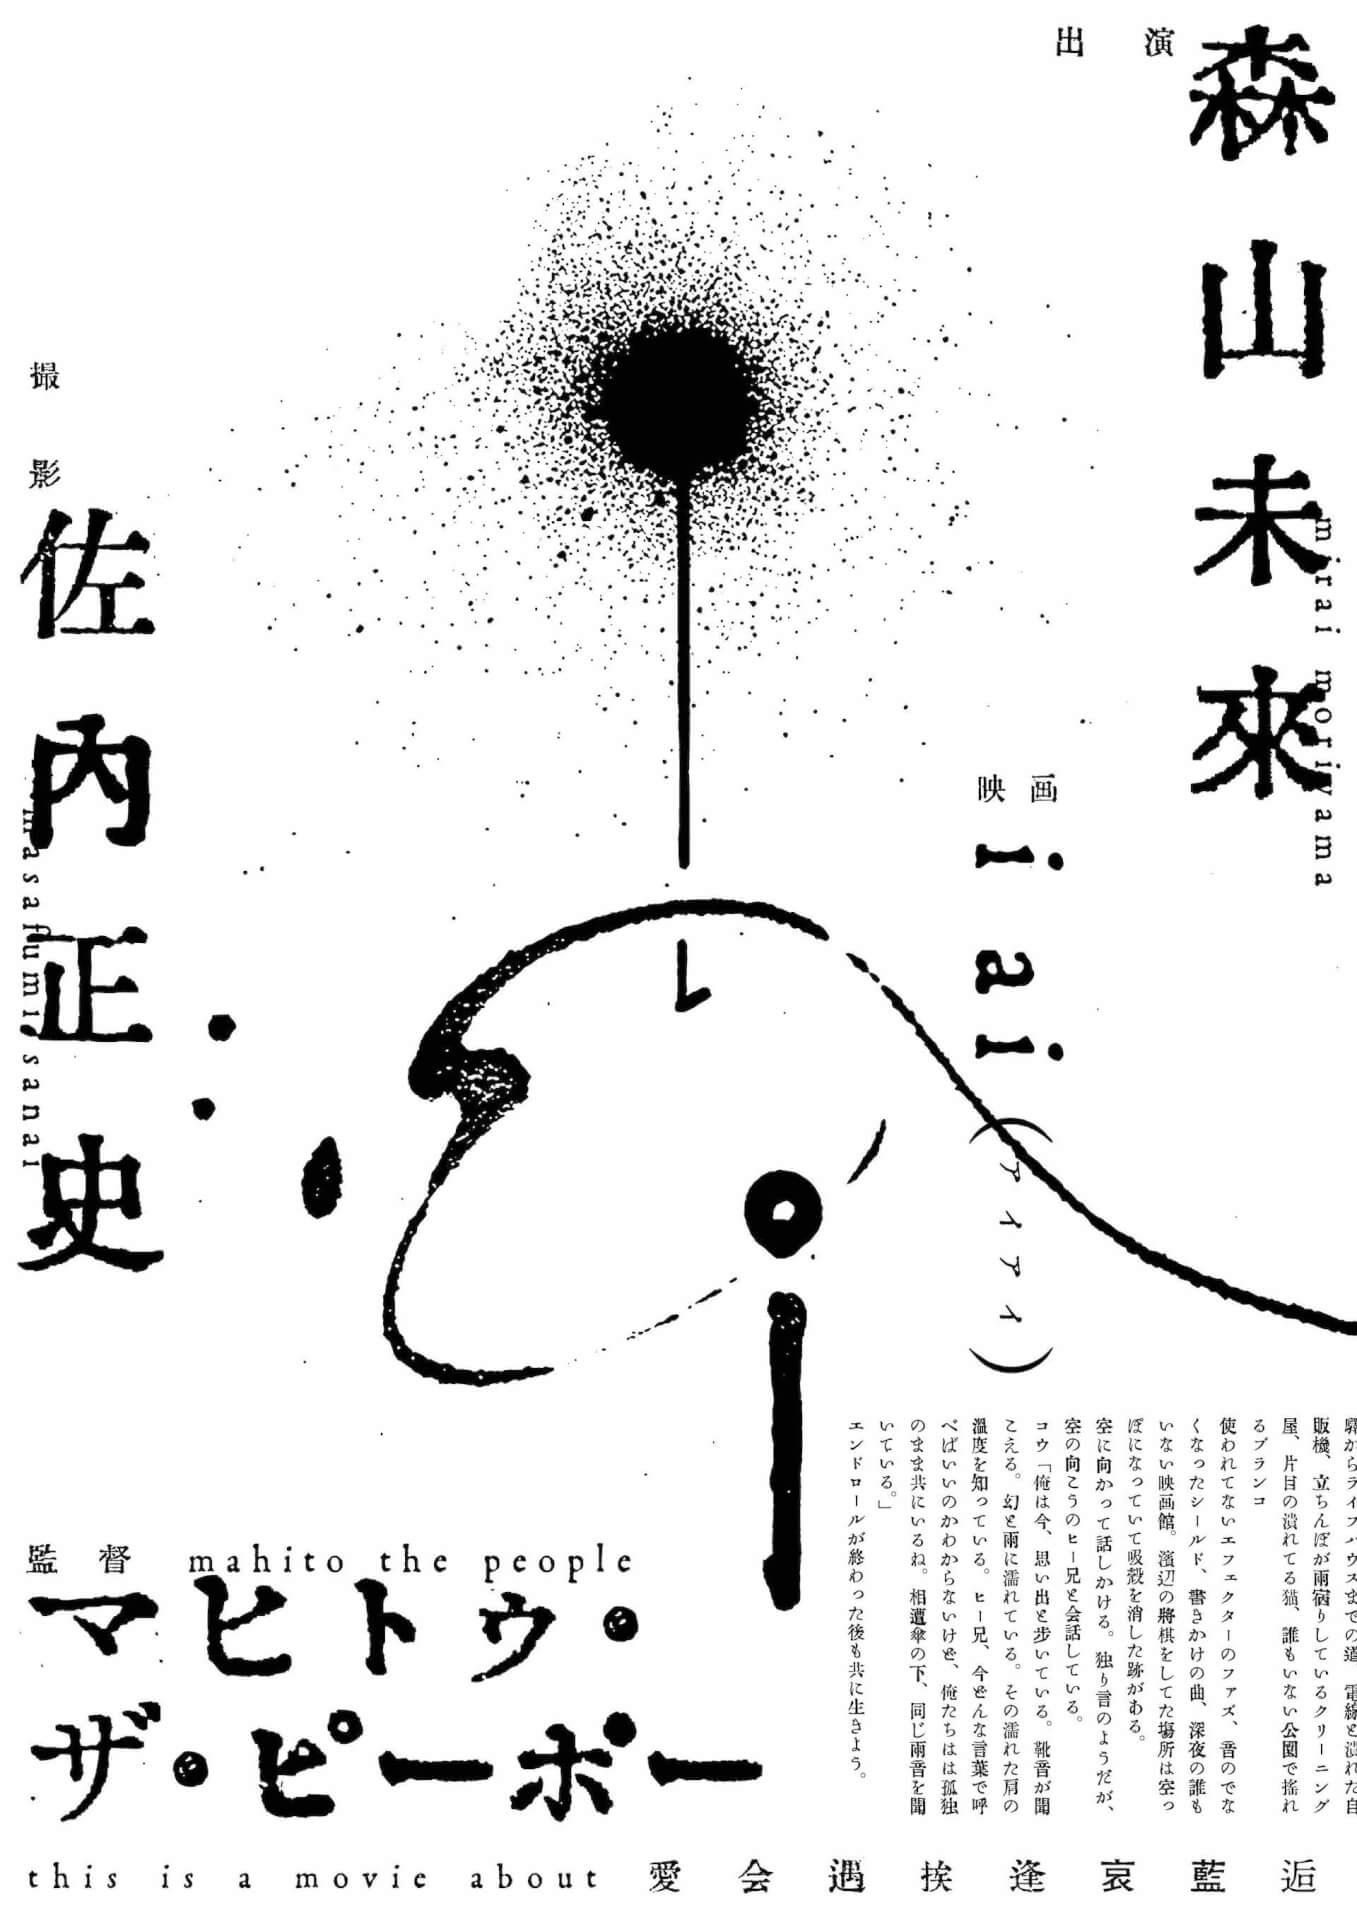 GEZANマヒト監督×森山未來主演『i ai』のキャストオーディションが実施決定!マヒトからのメッセージも film210721_i_ai_2